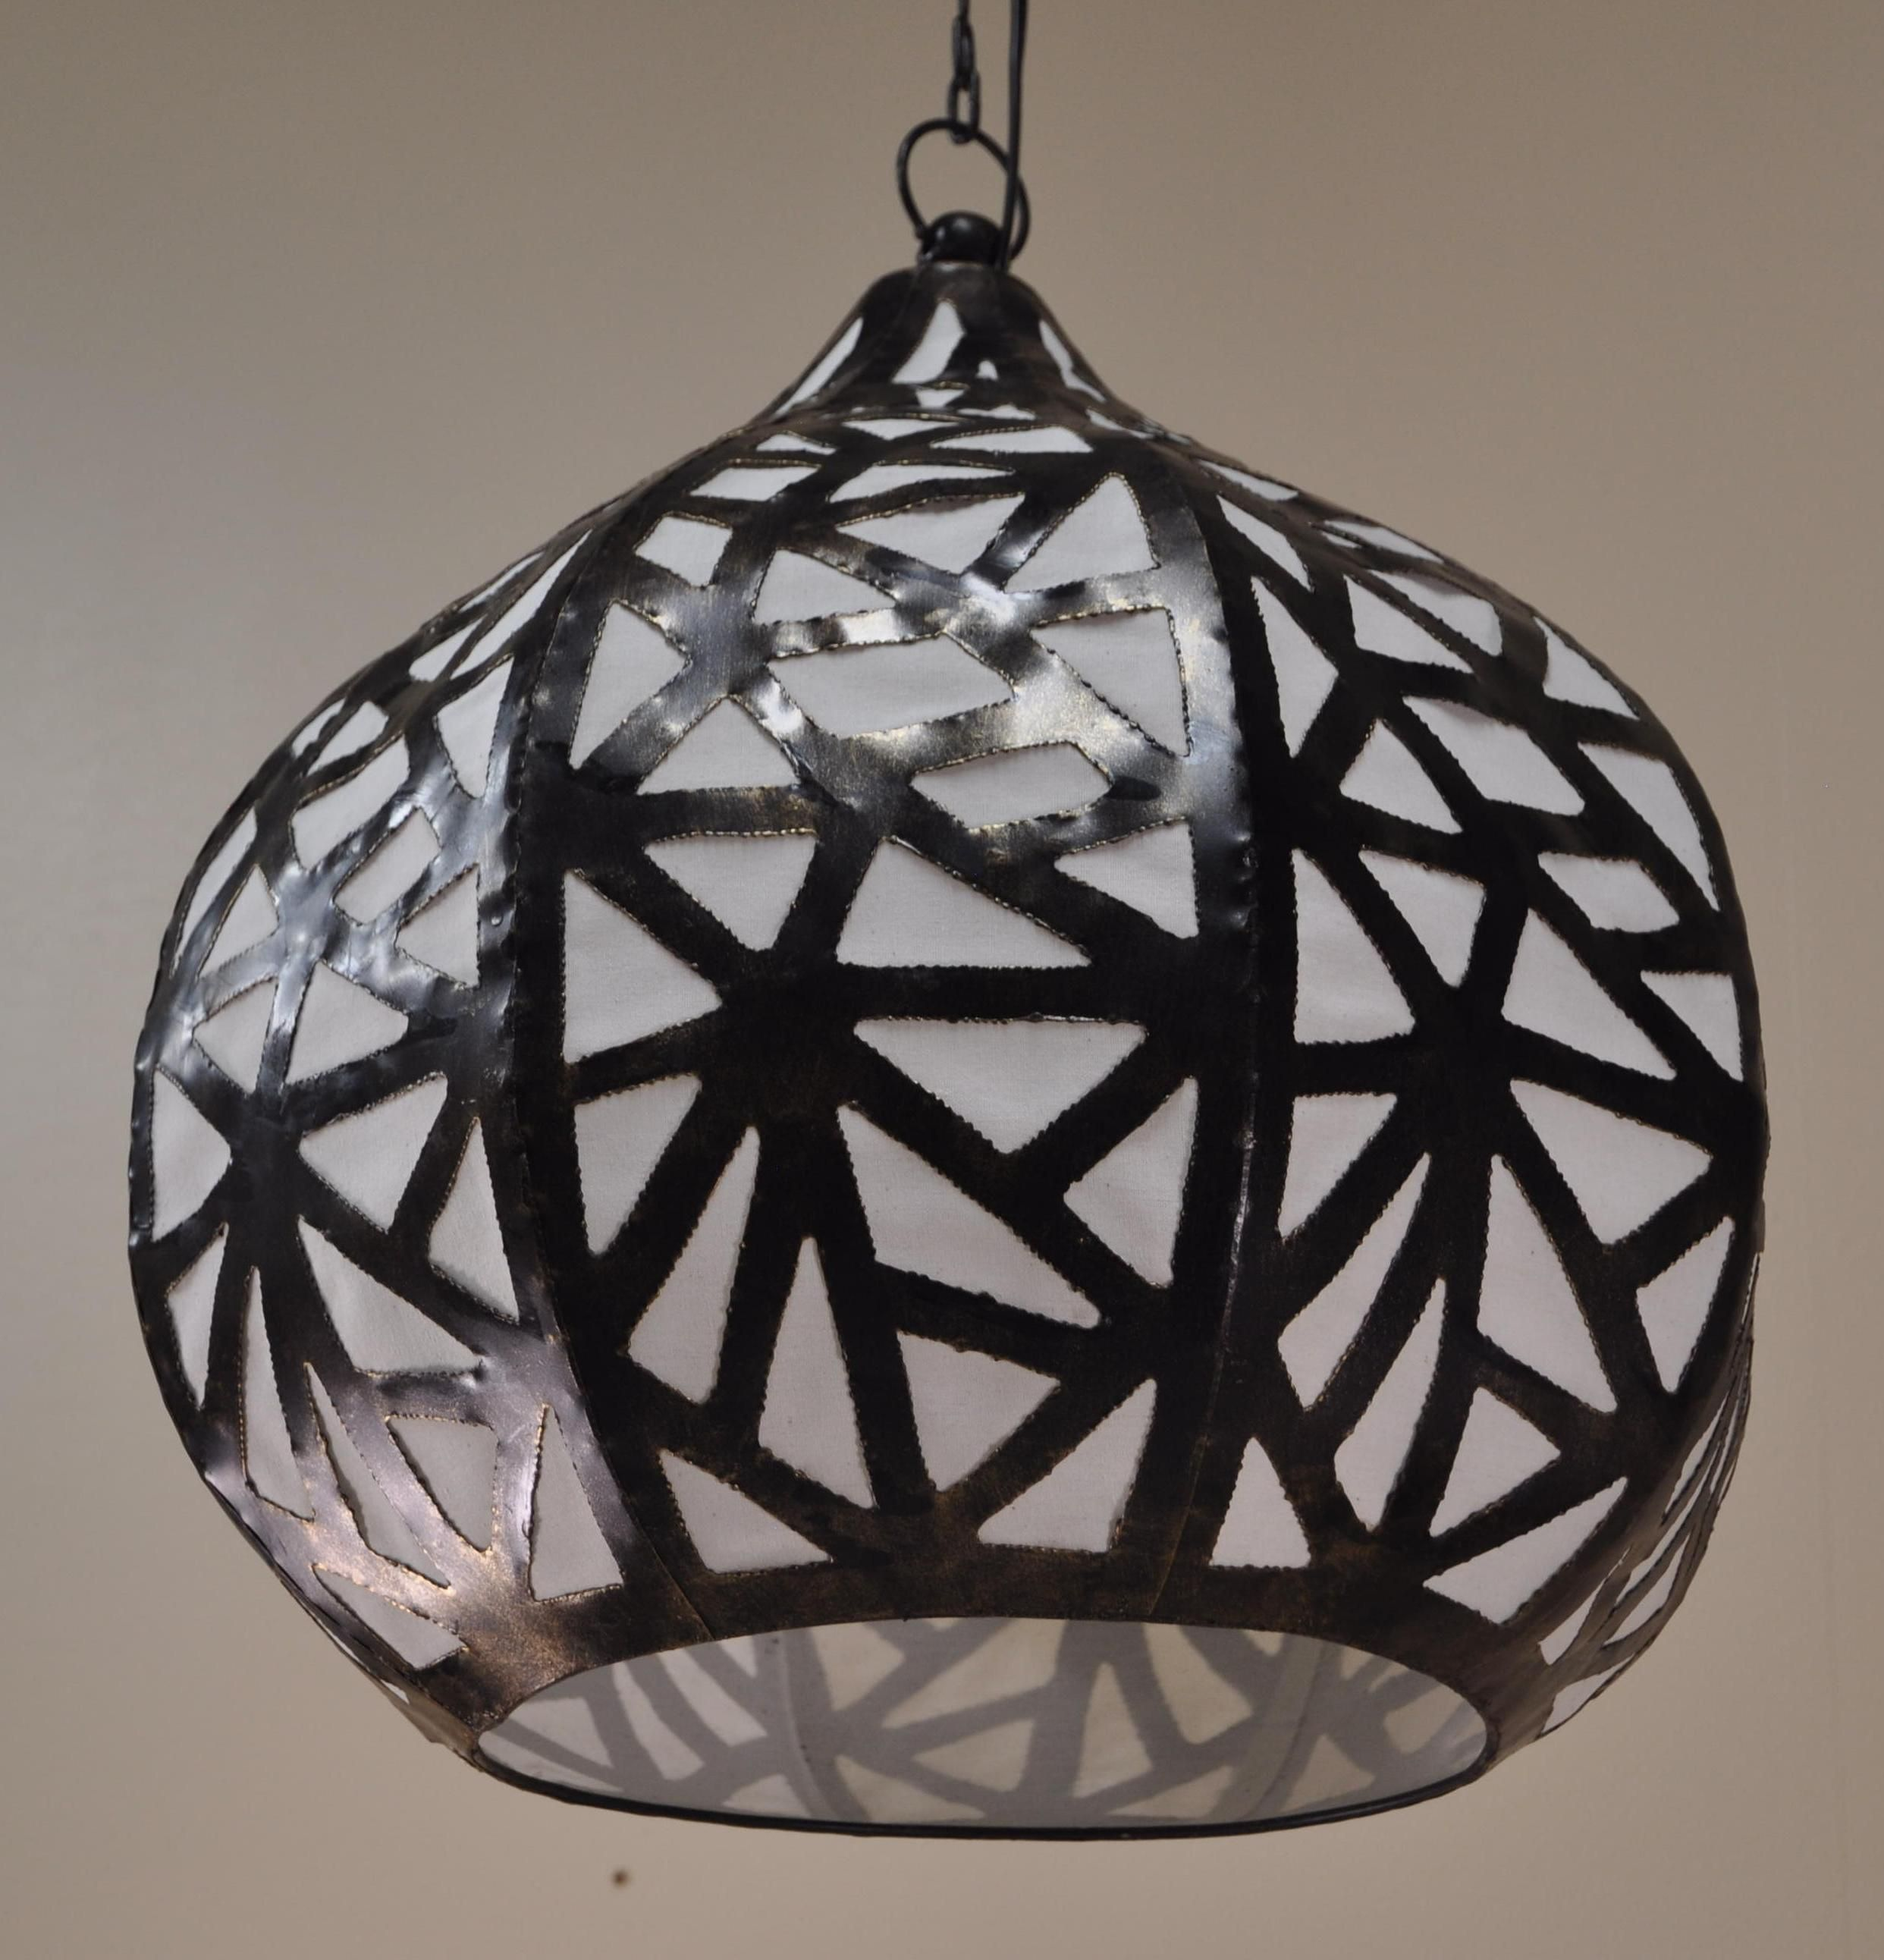 luminaire lustre suspendu acier rond blanc d 40 cm h 45 cm 1573. Black Bedroom Furniture Sets. Home Design Ideas